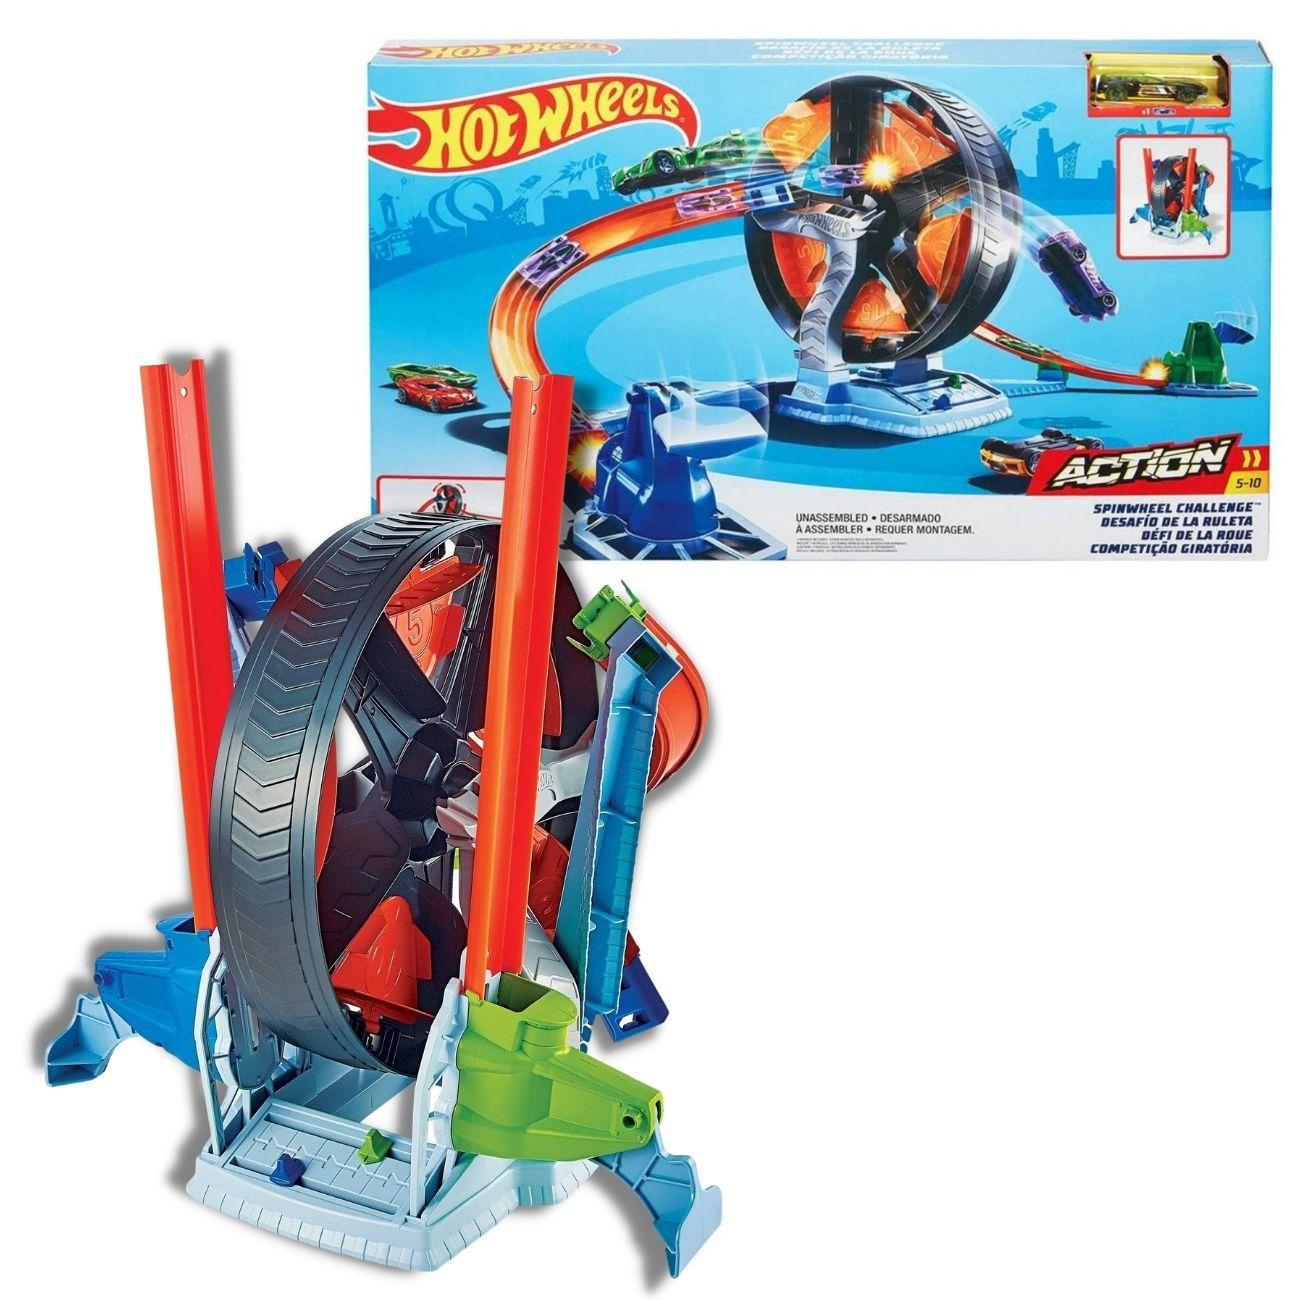 Brinquedo Pista Hot Wheels - Competição Giratória - Mattel